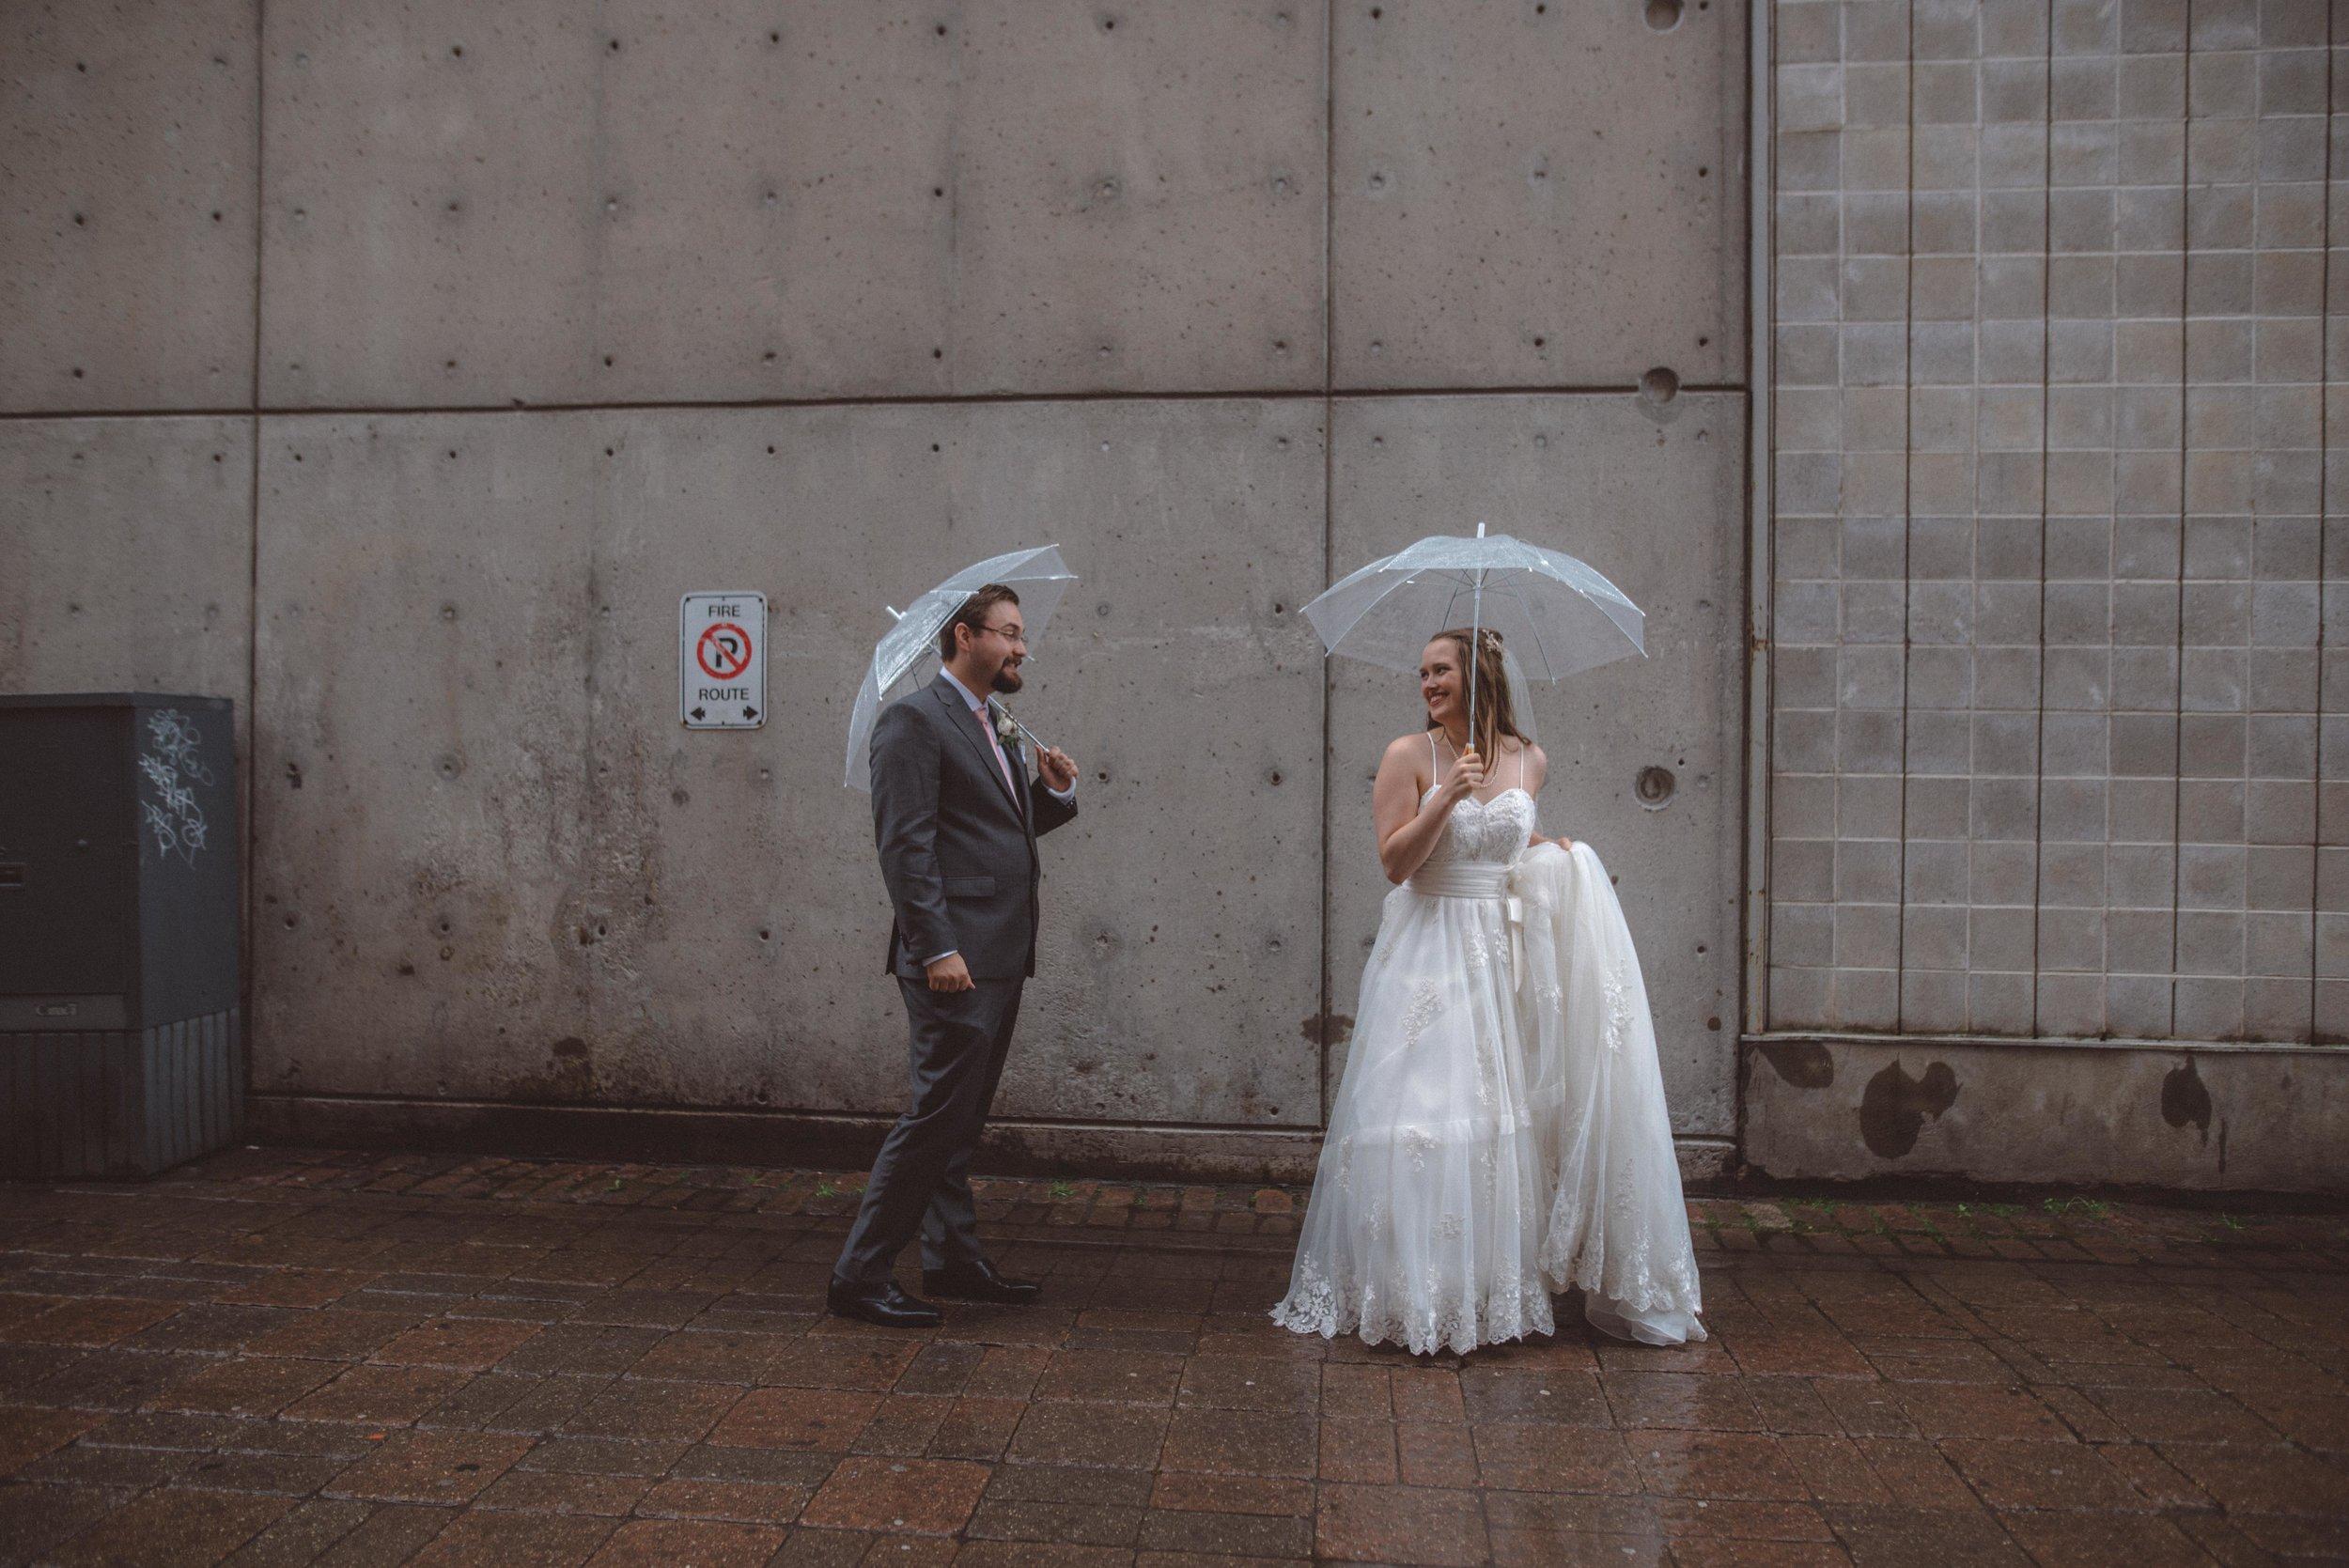 wedding_photographer_lifestyle_documentary_photographe_ottawa_gatineau-18.jpg